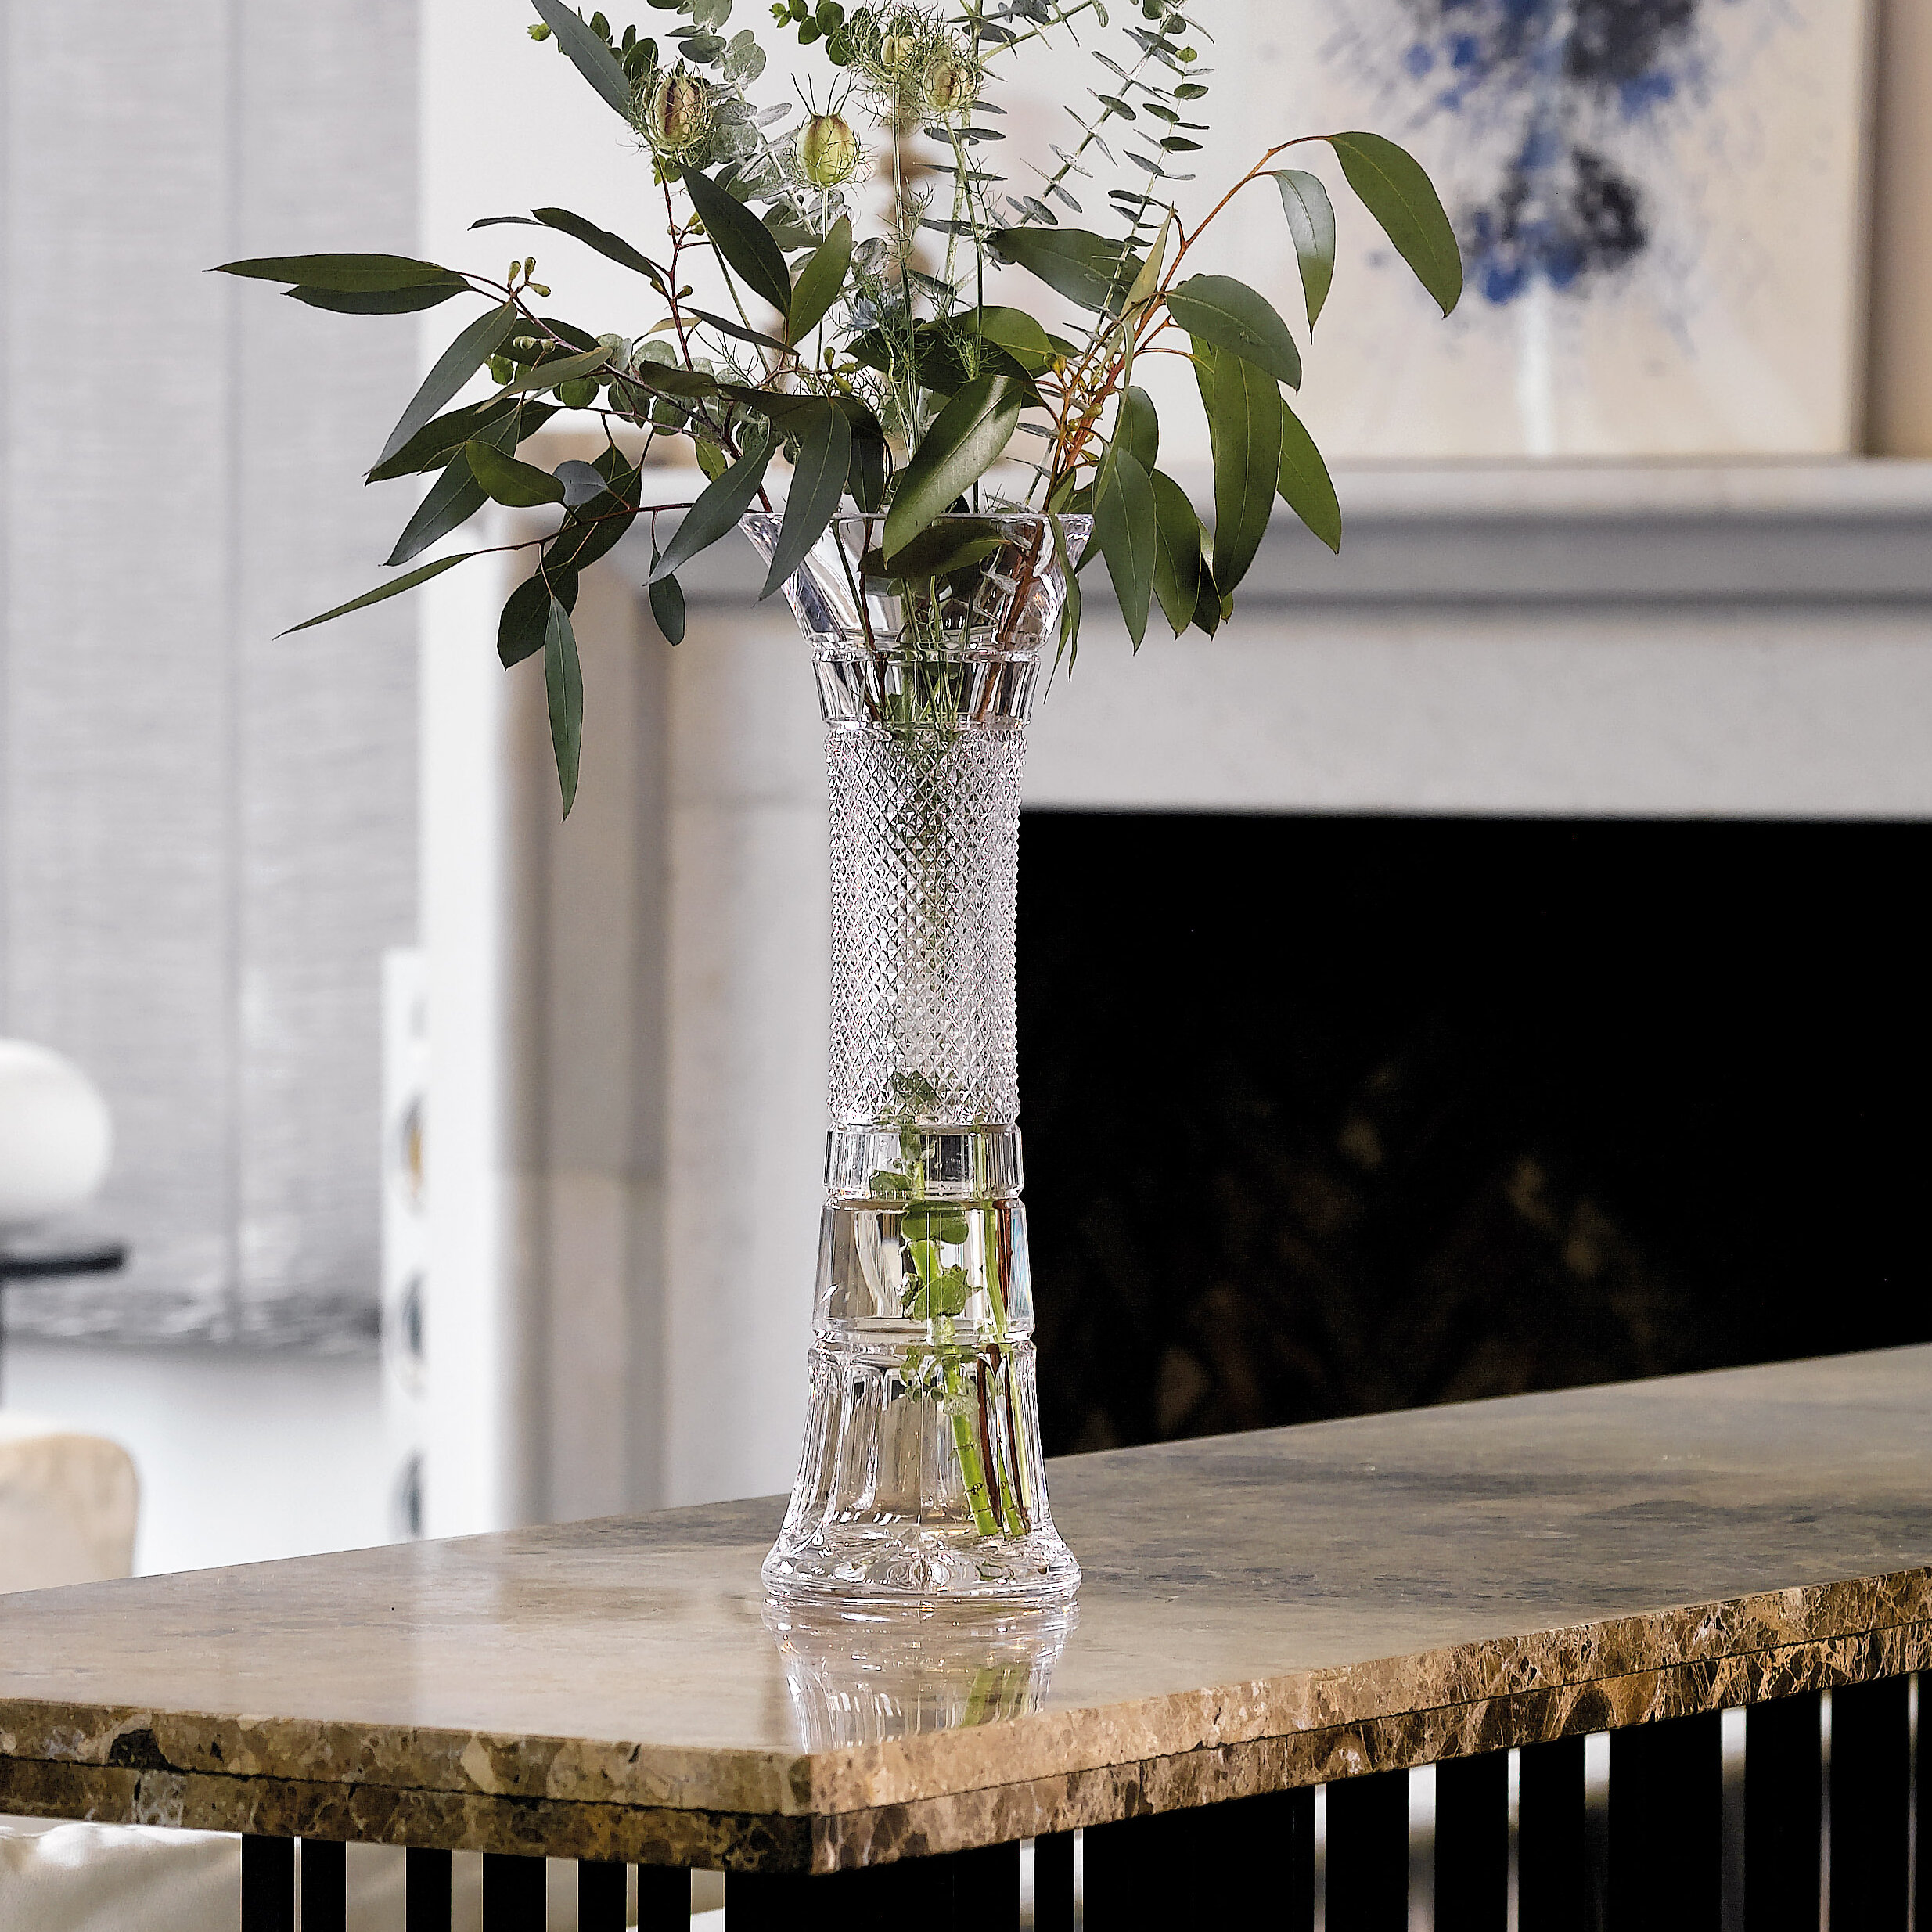 Waterford Clear 16 Crystal Table Vase Wayfair